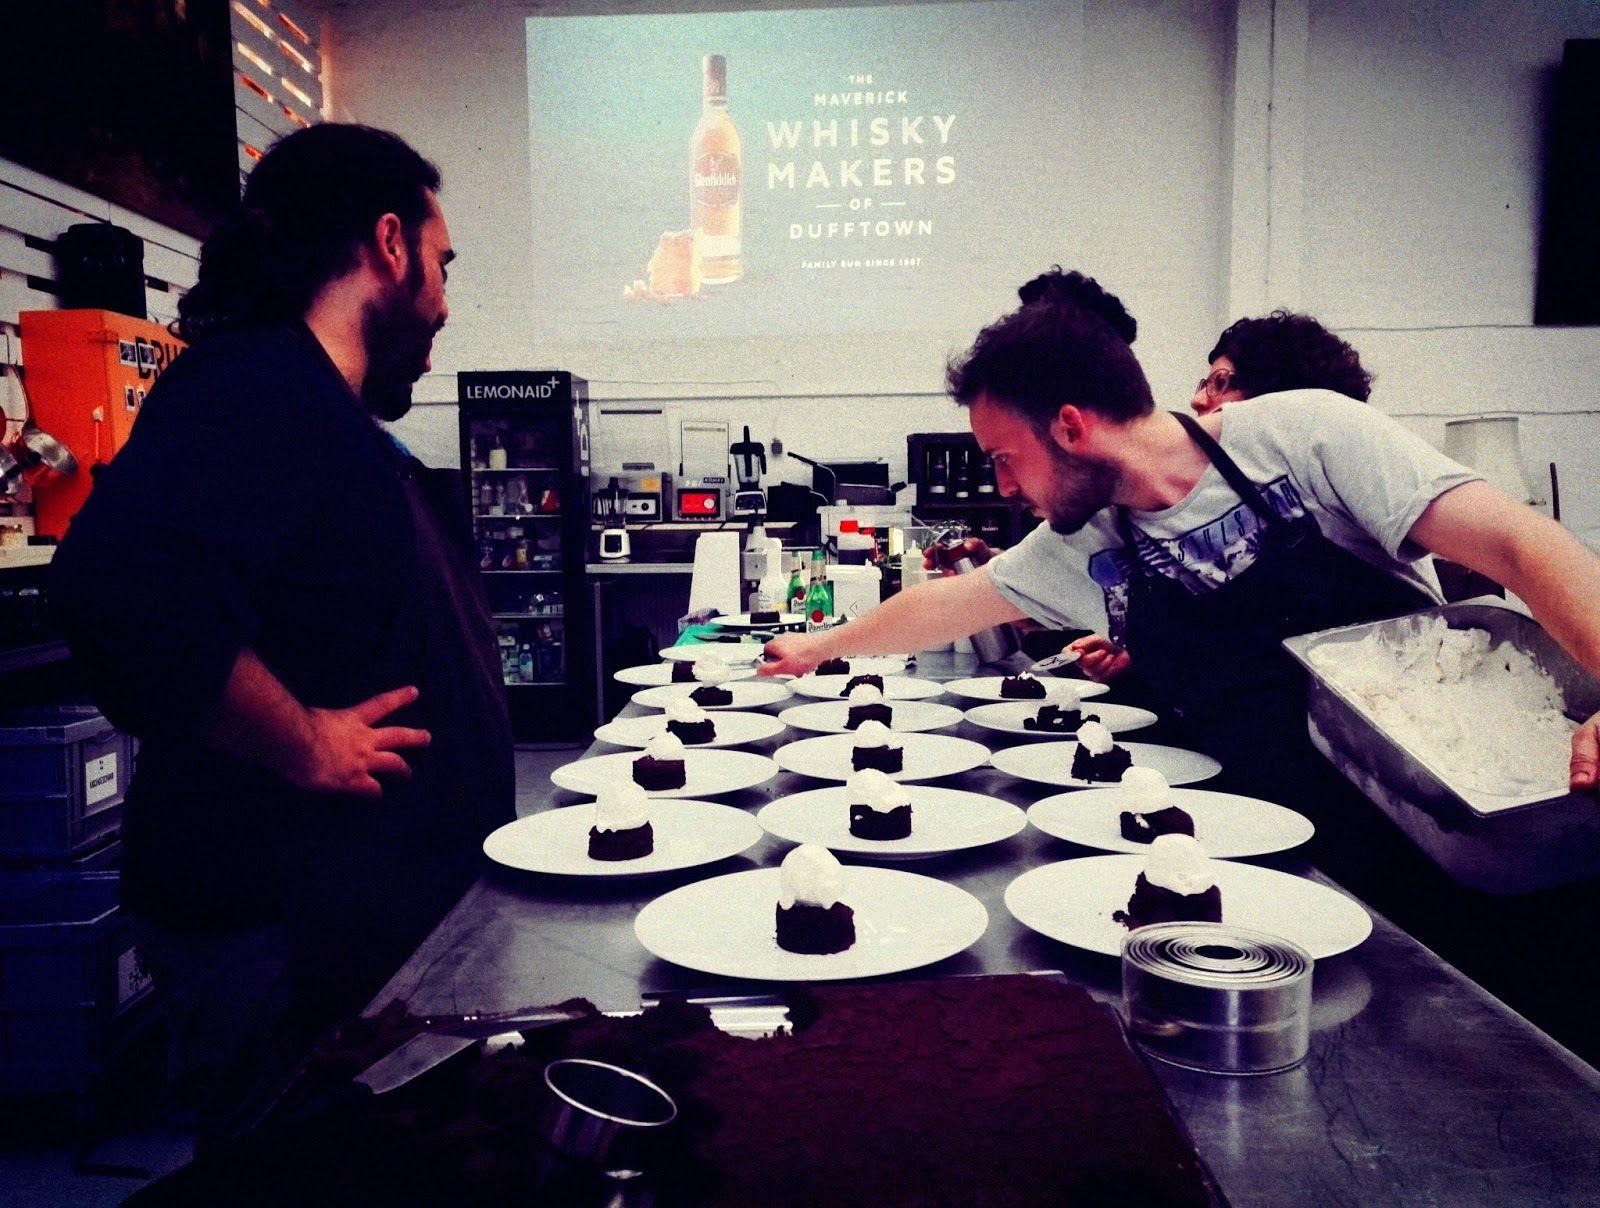 Ein Treffen mit den Glenfiddich Mavericks in Hamburg | Das Atomlabor on Tour | Atomlabor Blog | Dein Lifestyle Blog aus Wuppertal